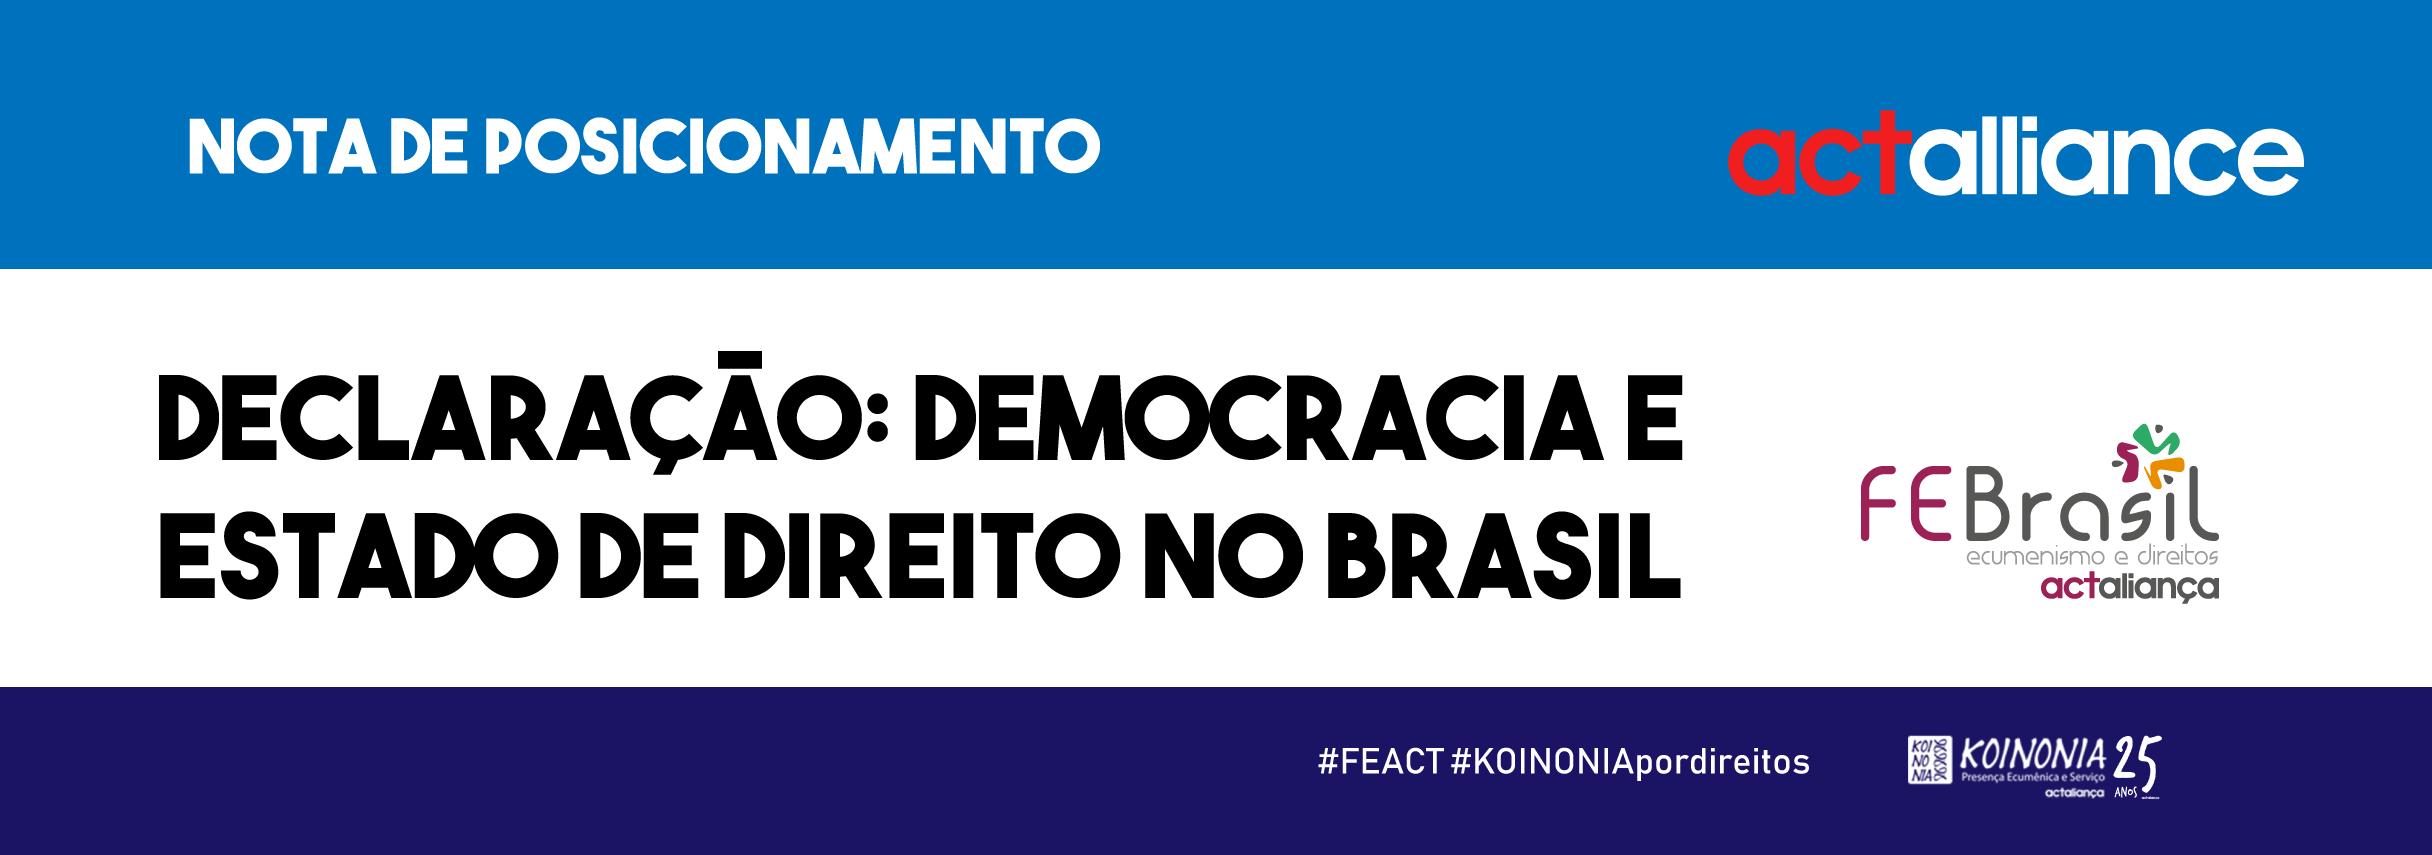 ACT Aliança se posiciona sobre situação da democracia brasileira